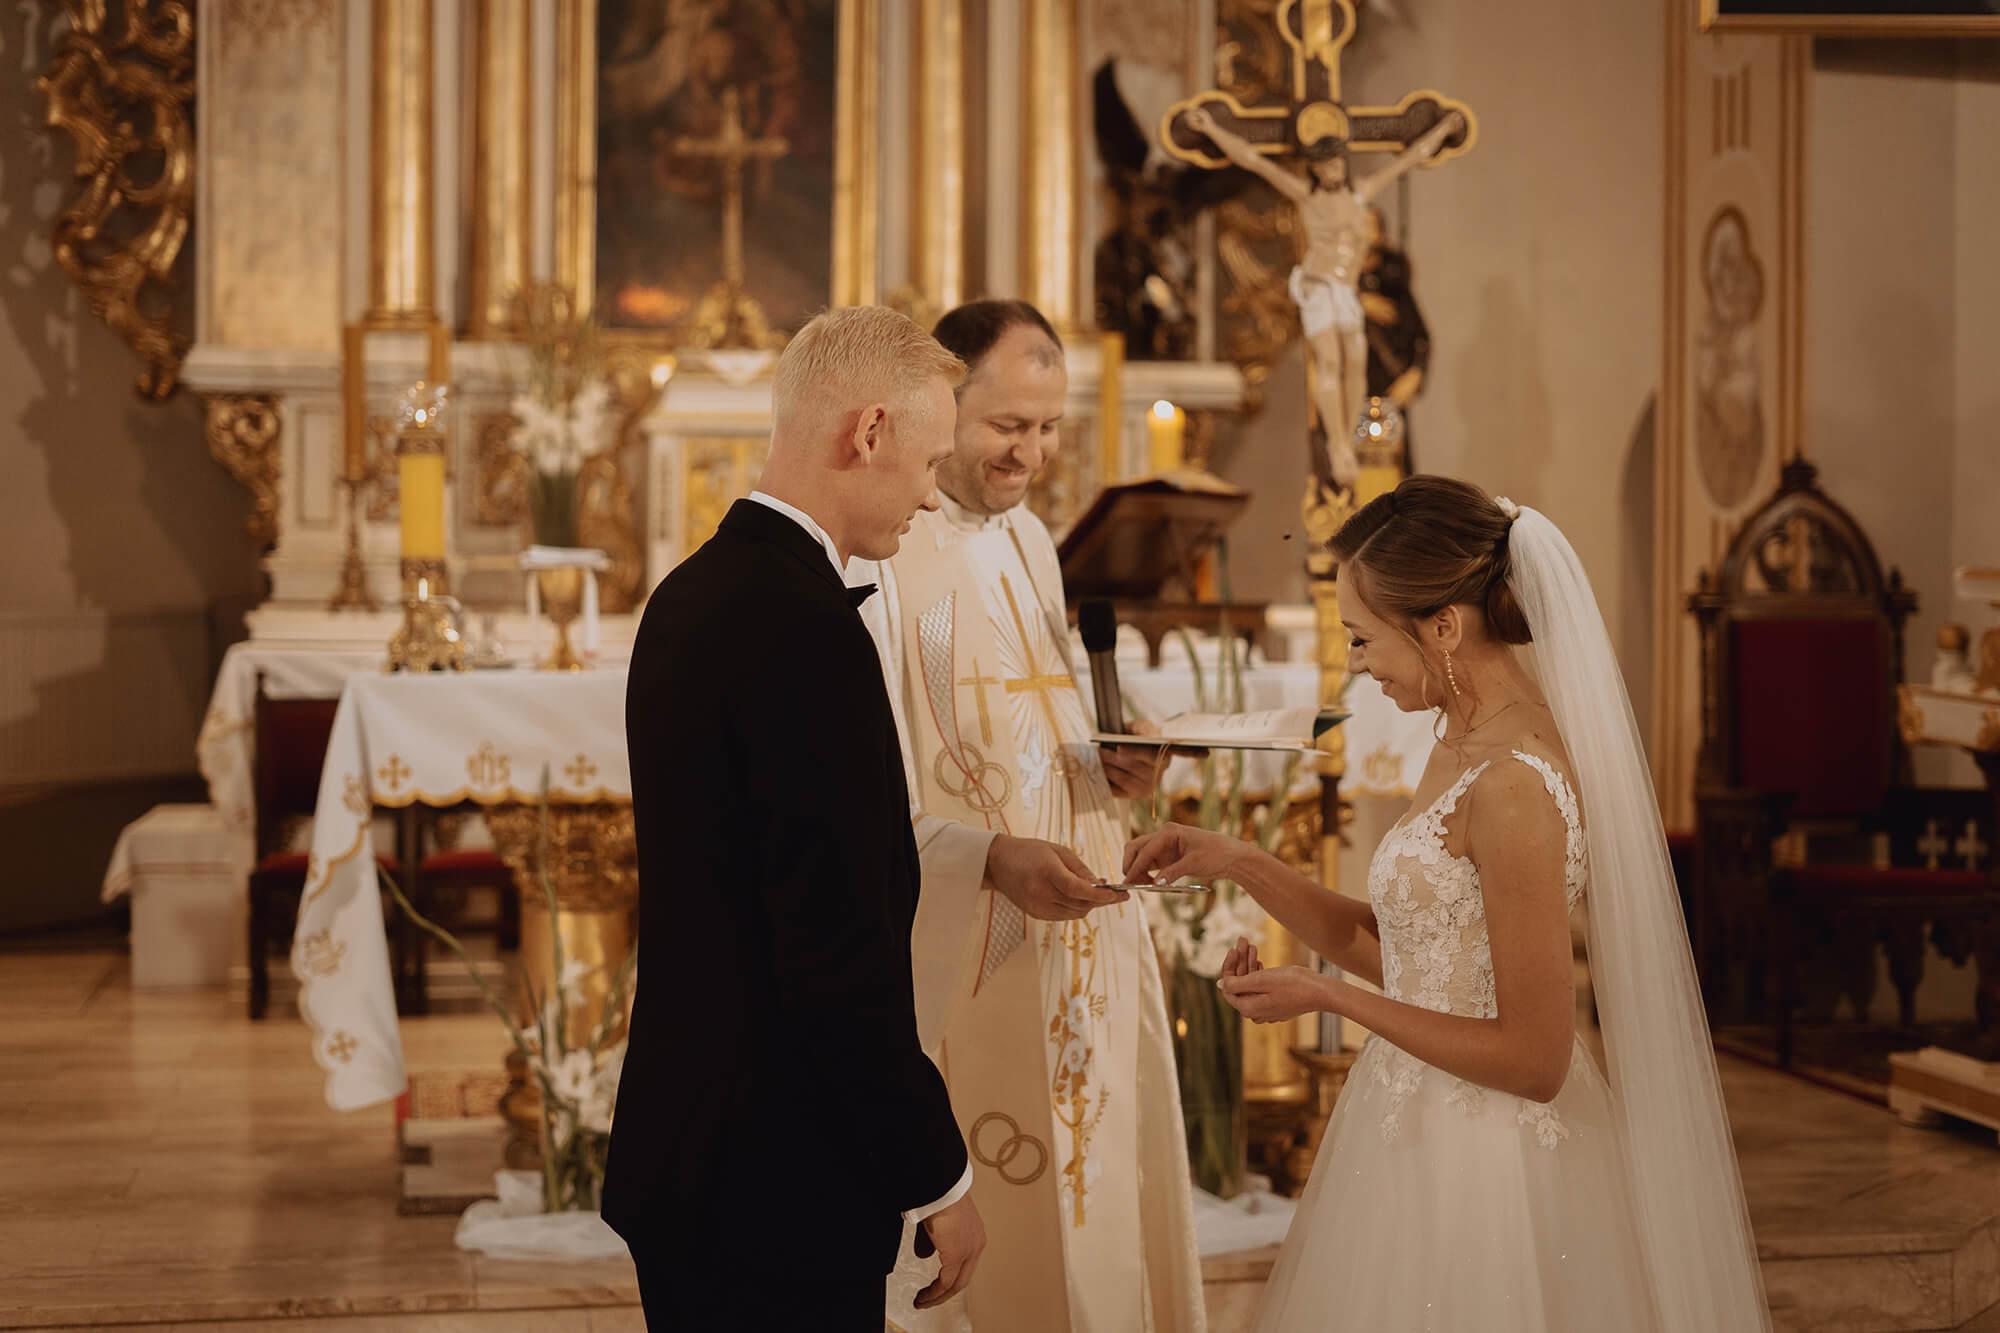 Slub wesele w dworze Hulanka00067 - Ola + Maciej | wesele w Dworze Hulanka